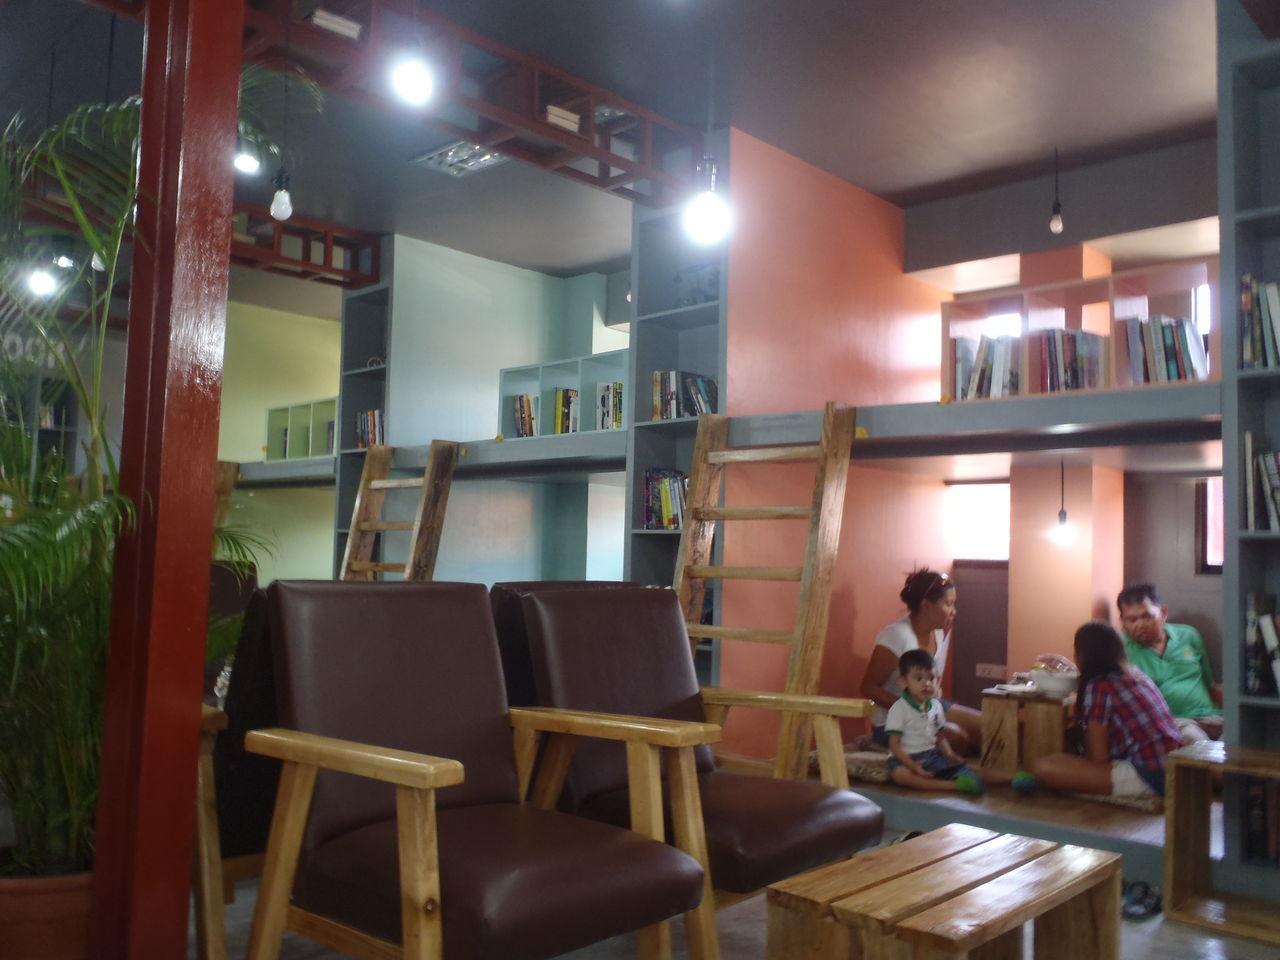 静かなカフェで何者でもない自分でいられる幸せ ドゥマゲッティーオパカフェ